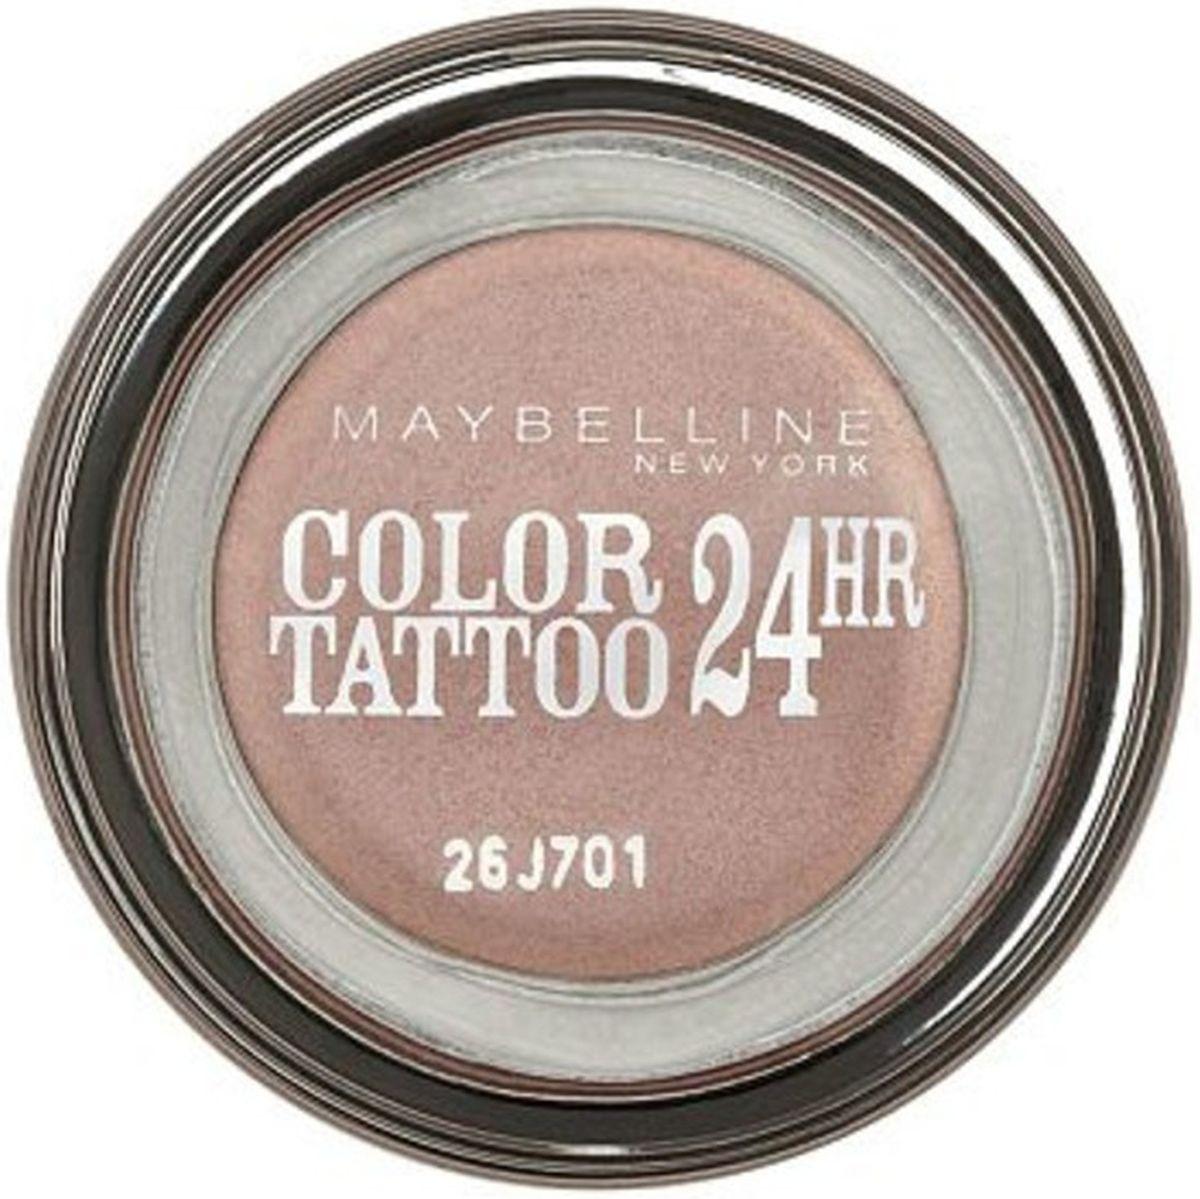 Maybelline New York Стойкие тени для век Color Tattoo 24 часа, оттенок 101 Морозное Дыхание, 4 млB2760500Технология тату-пигментов создает яркий, супернасыщенный цвет. Крем-гелевая текстура обеспечивает ультралегкое нанесение и стойкость на 24 часа.